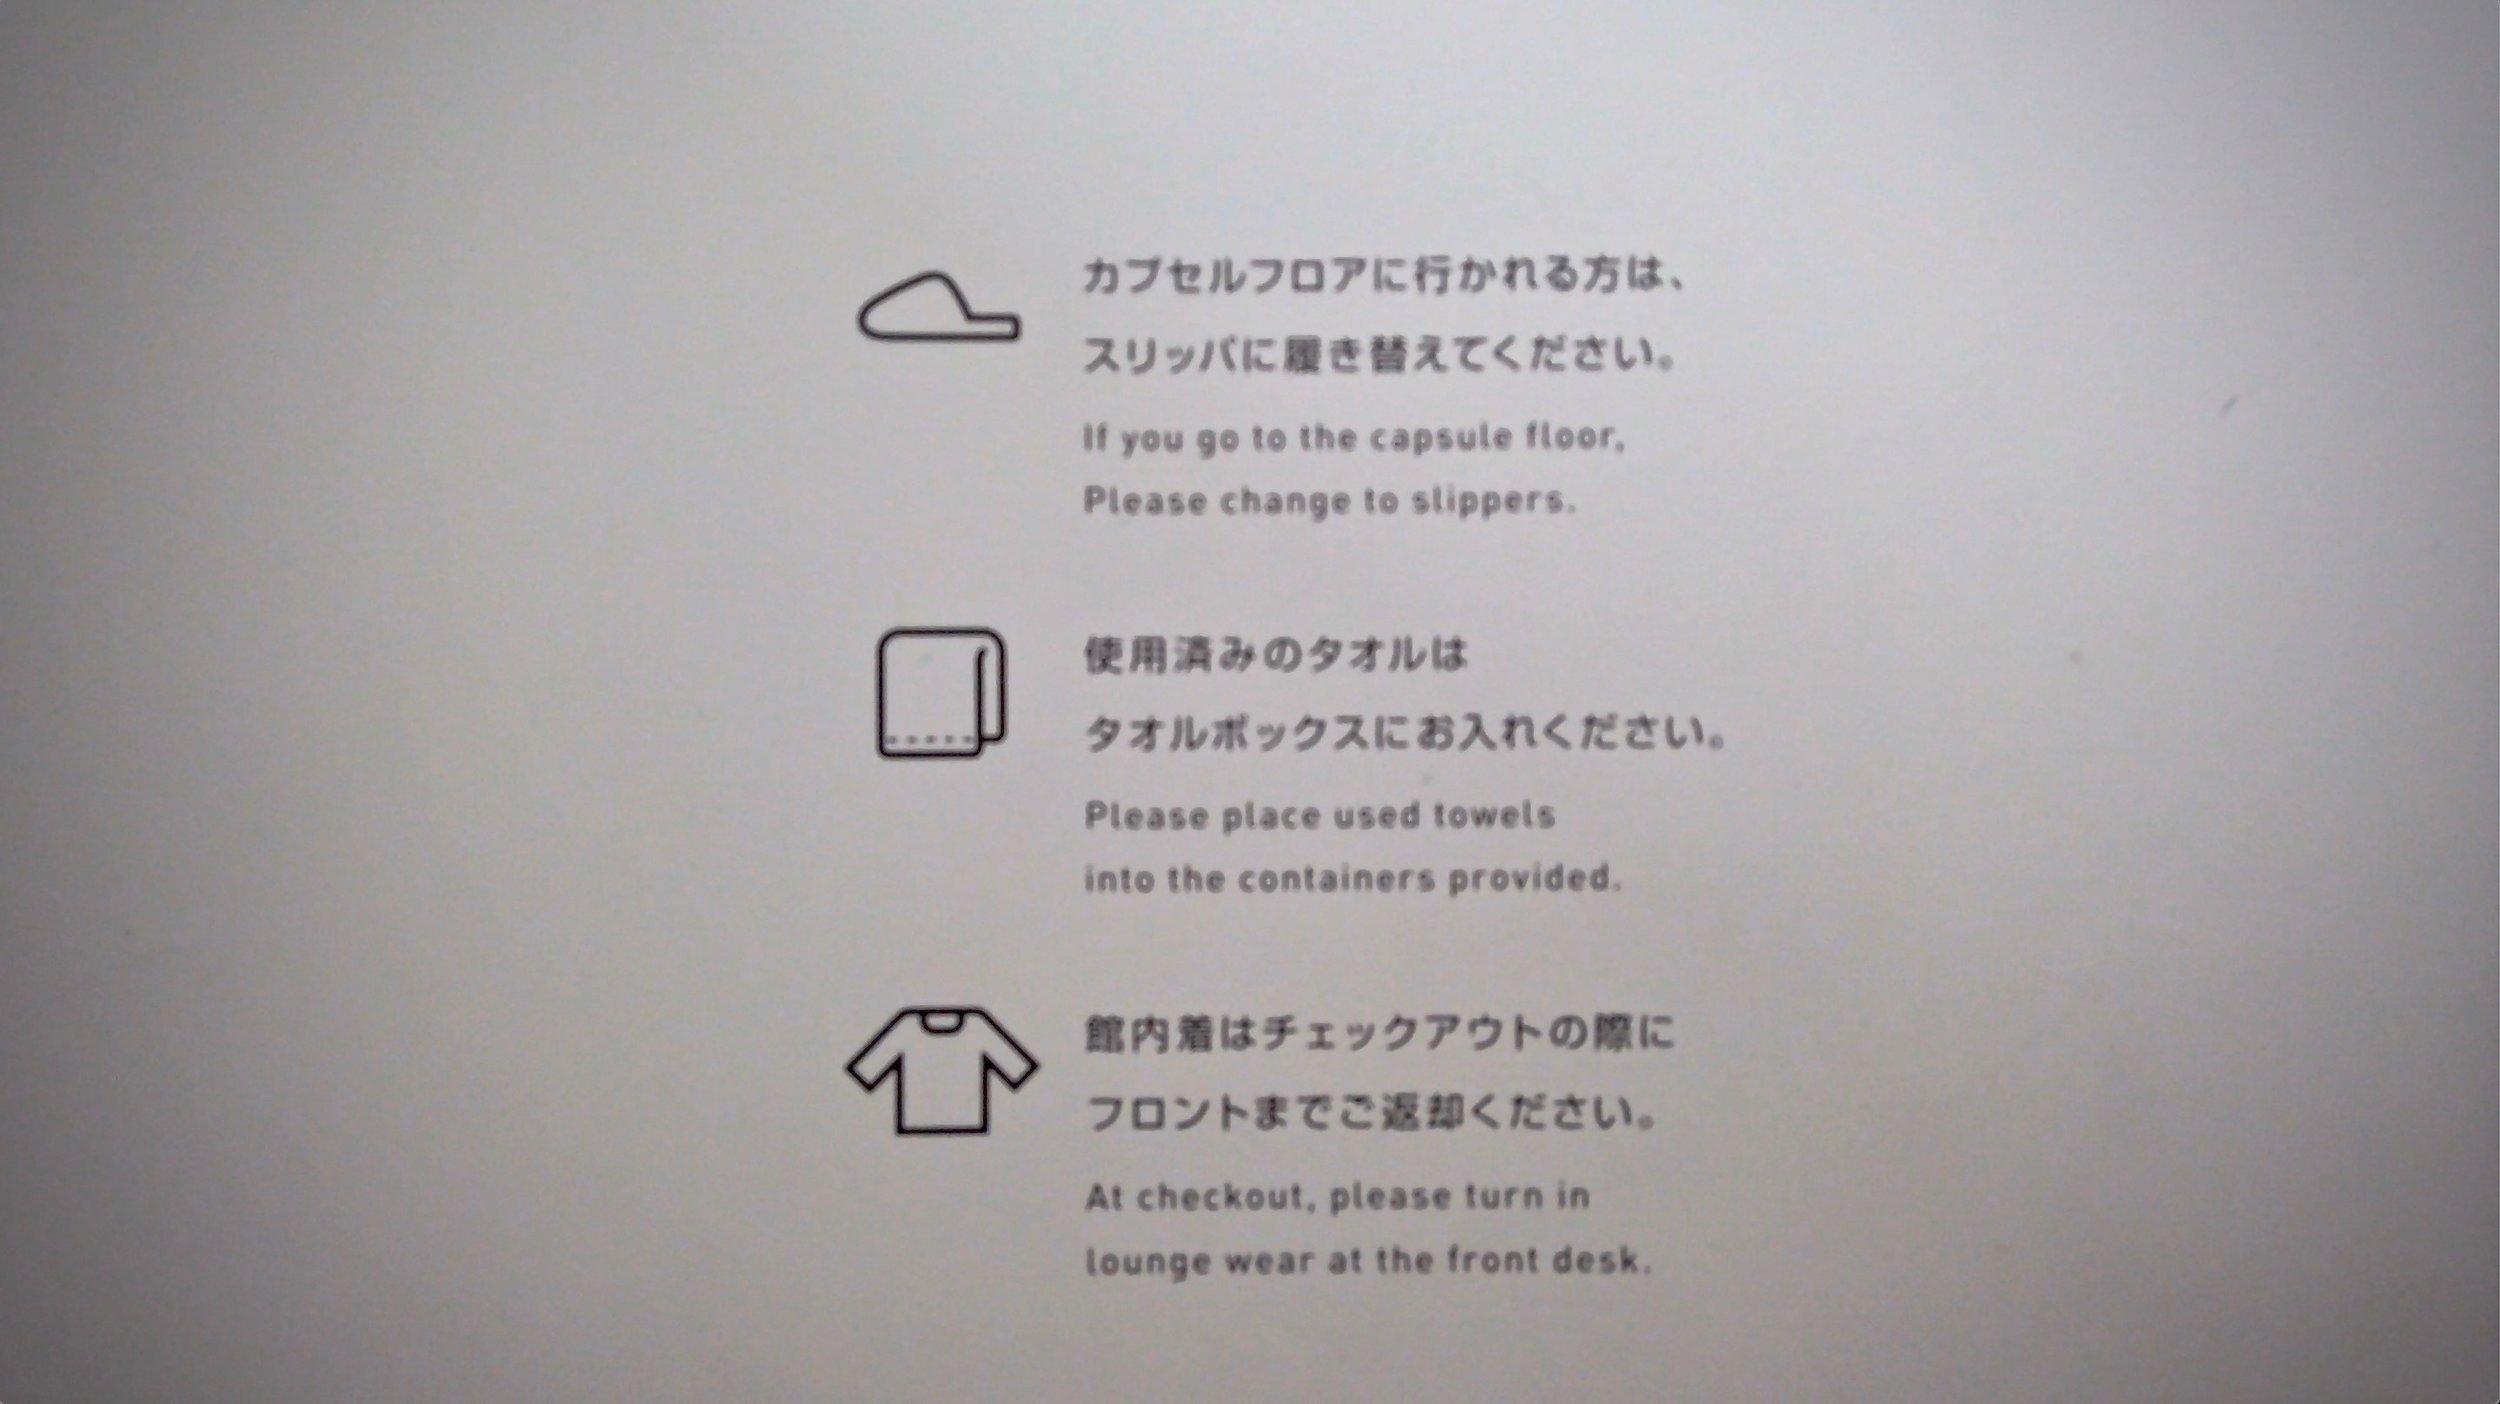 japancapsulehotel13.jpeg